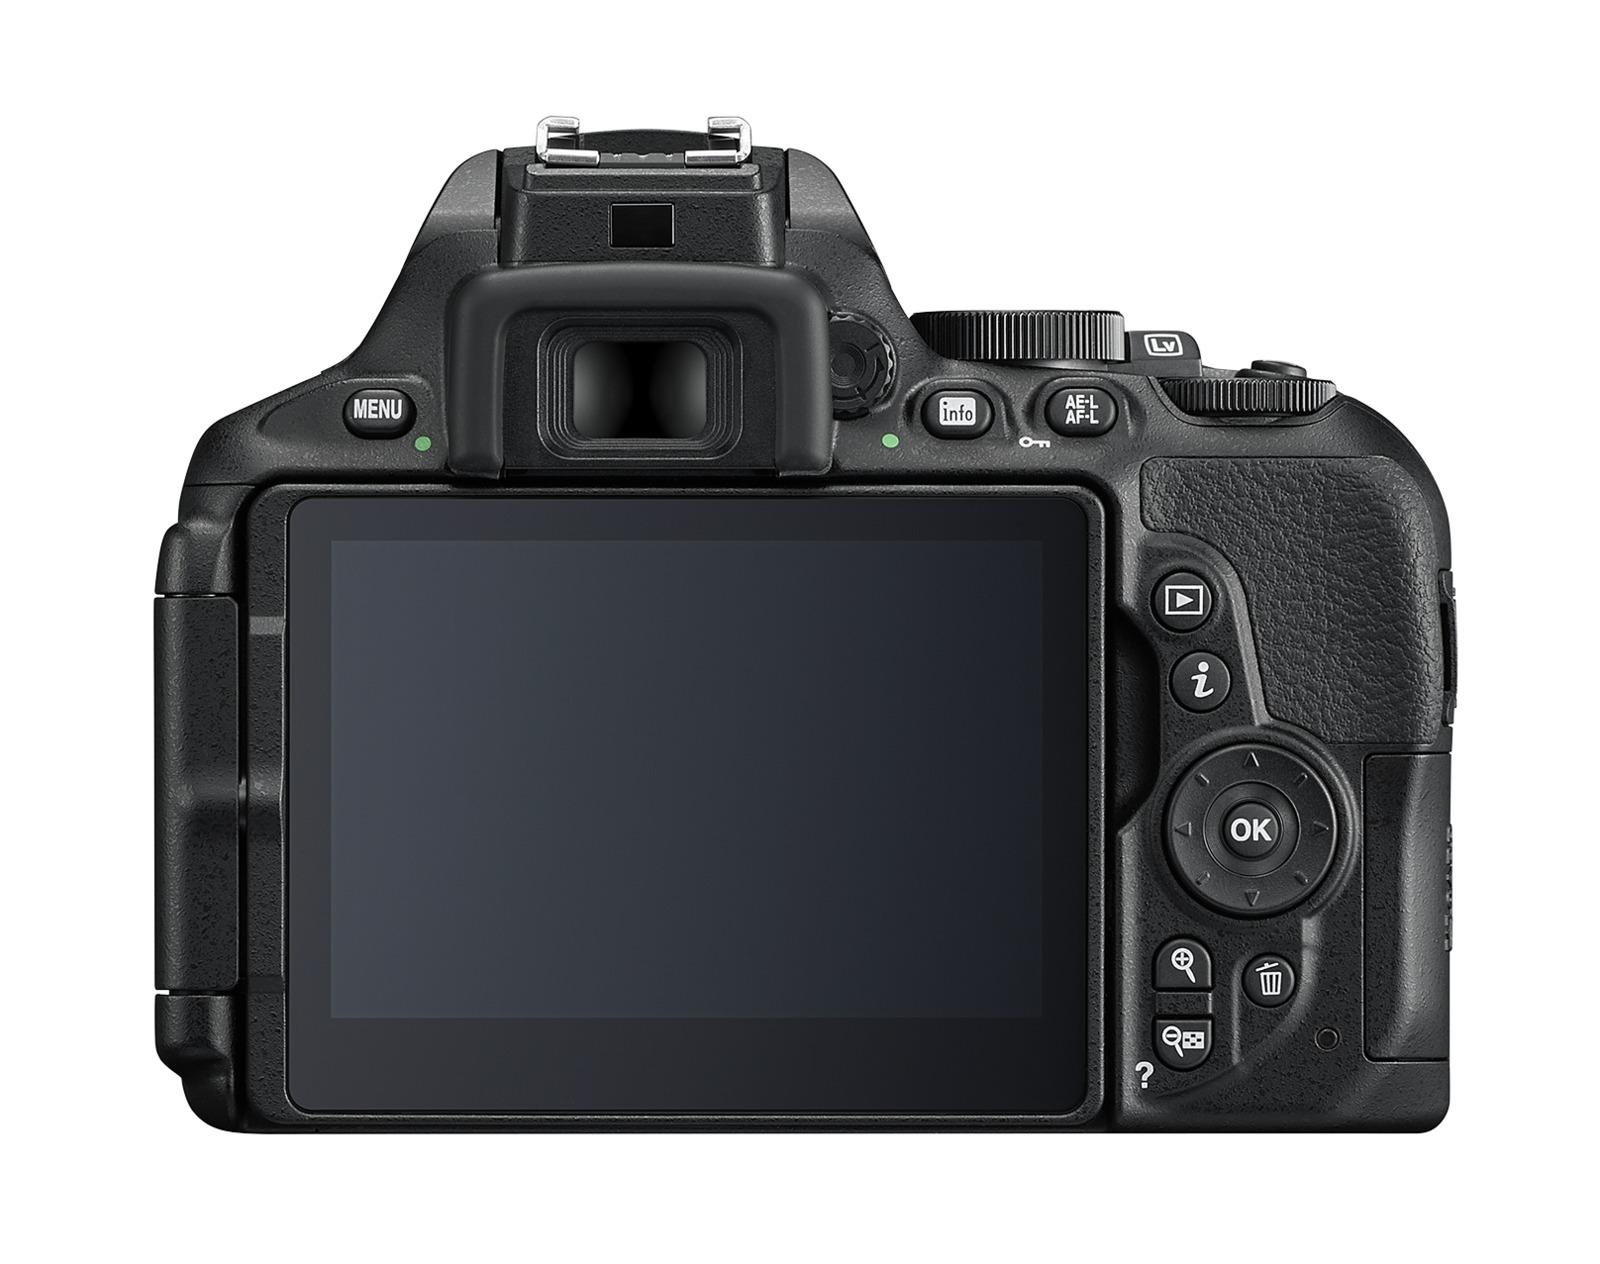 Nikon D5600 DSLR Body image